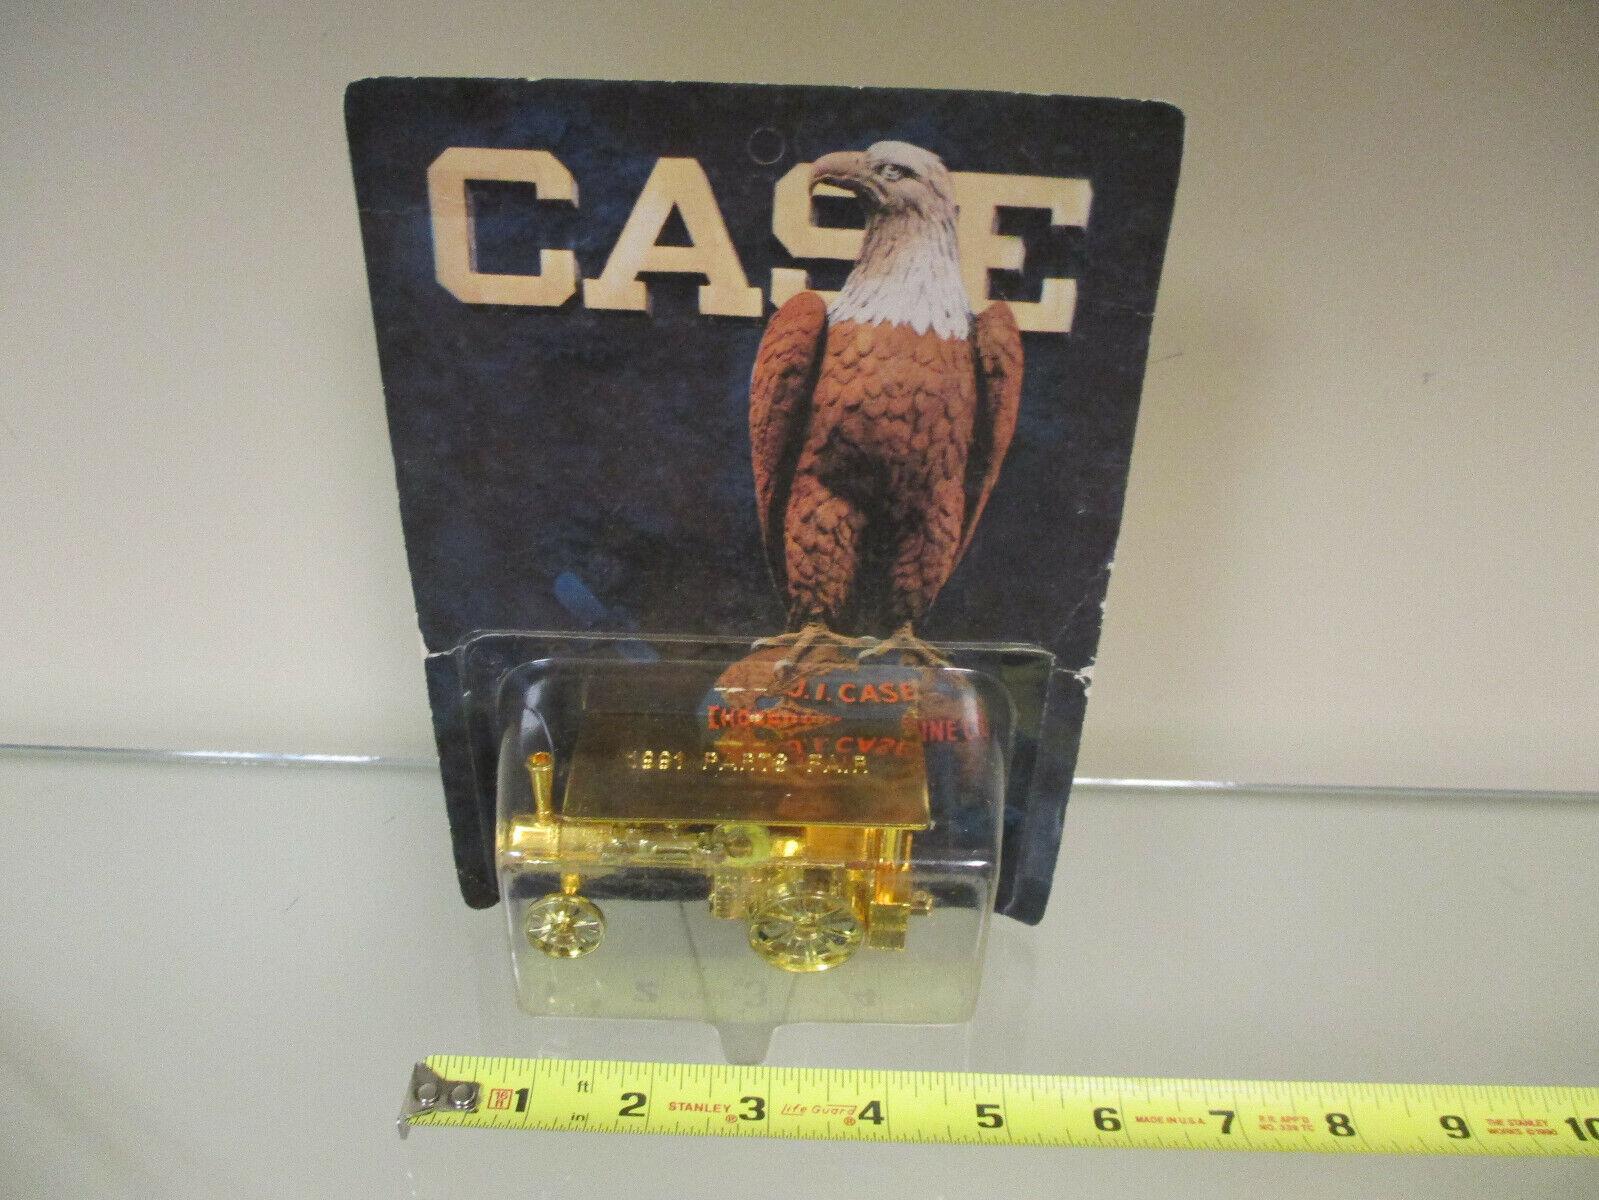 entrega rápida Motor de vapor caso 1991 1991 1991 piezas justo oro Edition by maquetas escala 1 64th   Ahorre 35% - 70% de descuento